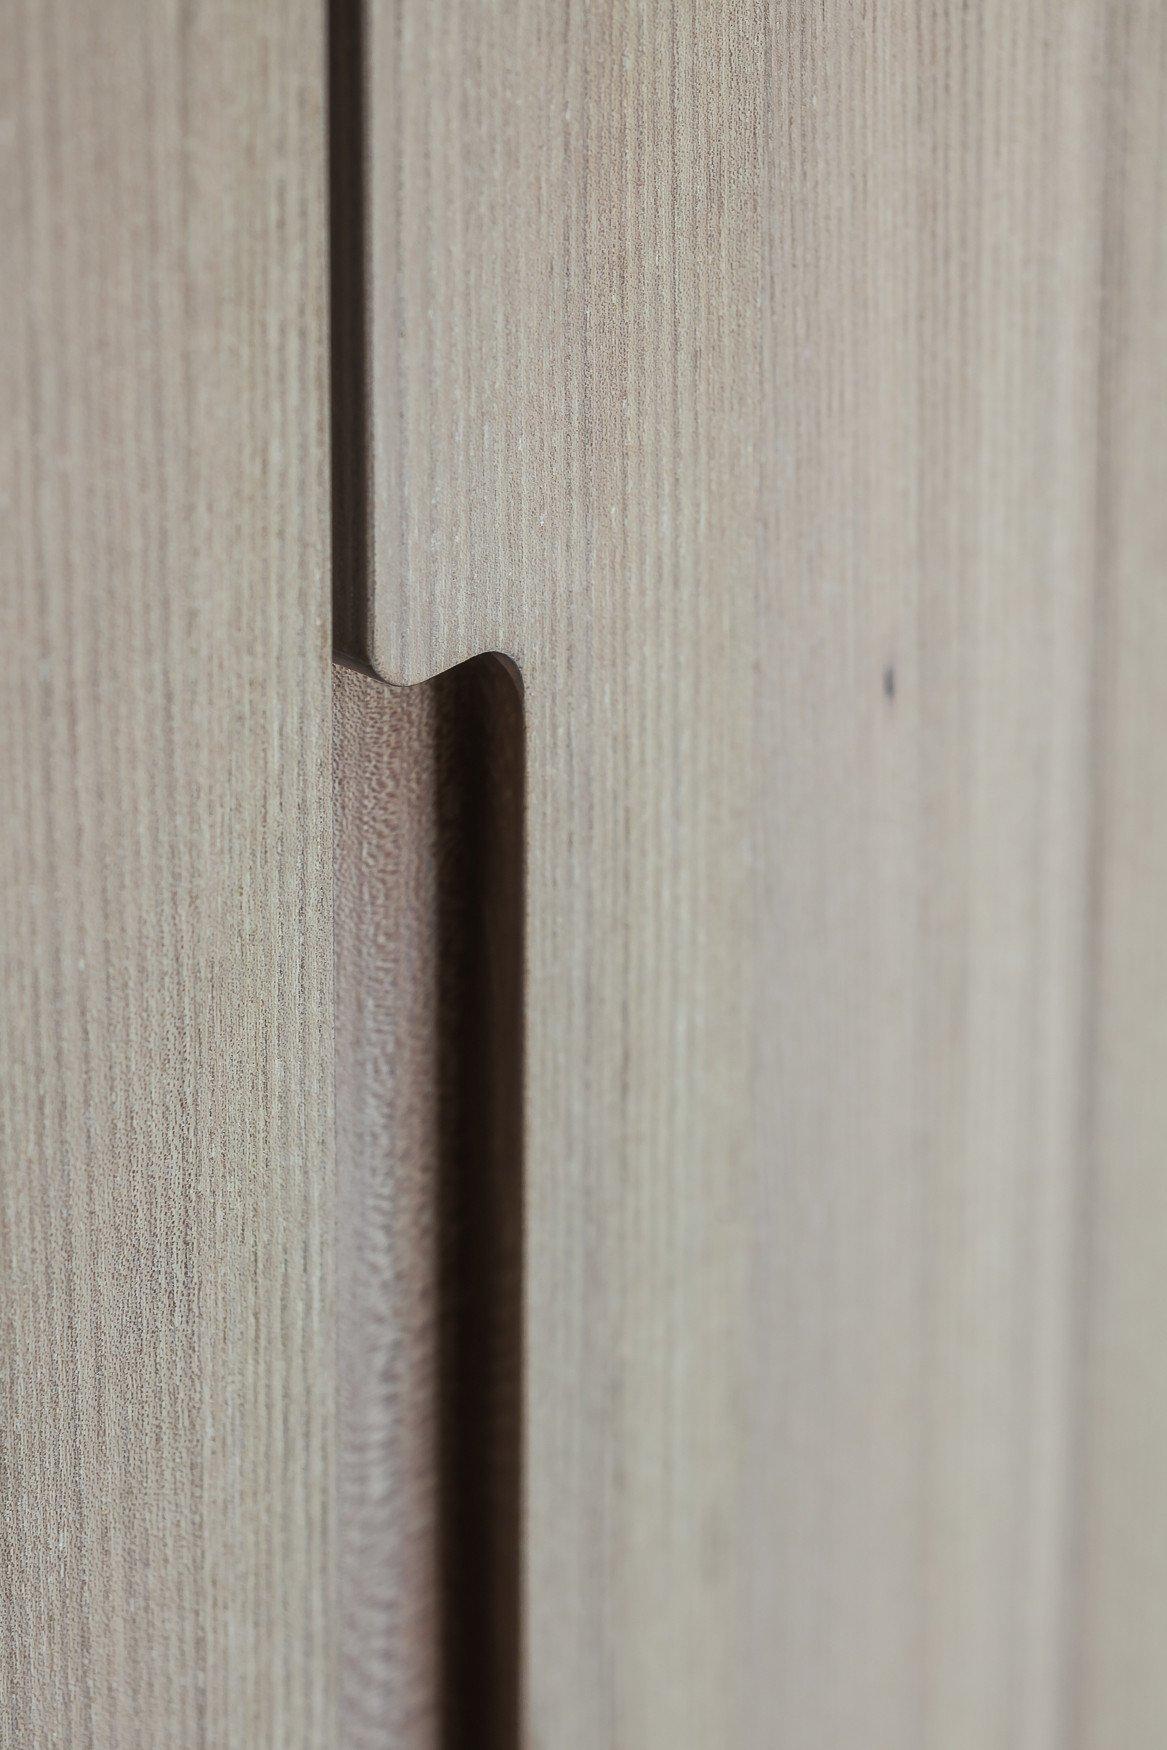 Detail of oak veneer Thomas De Bruyne (Cafeine.be)